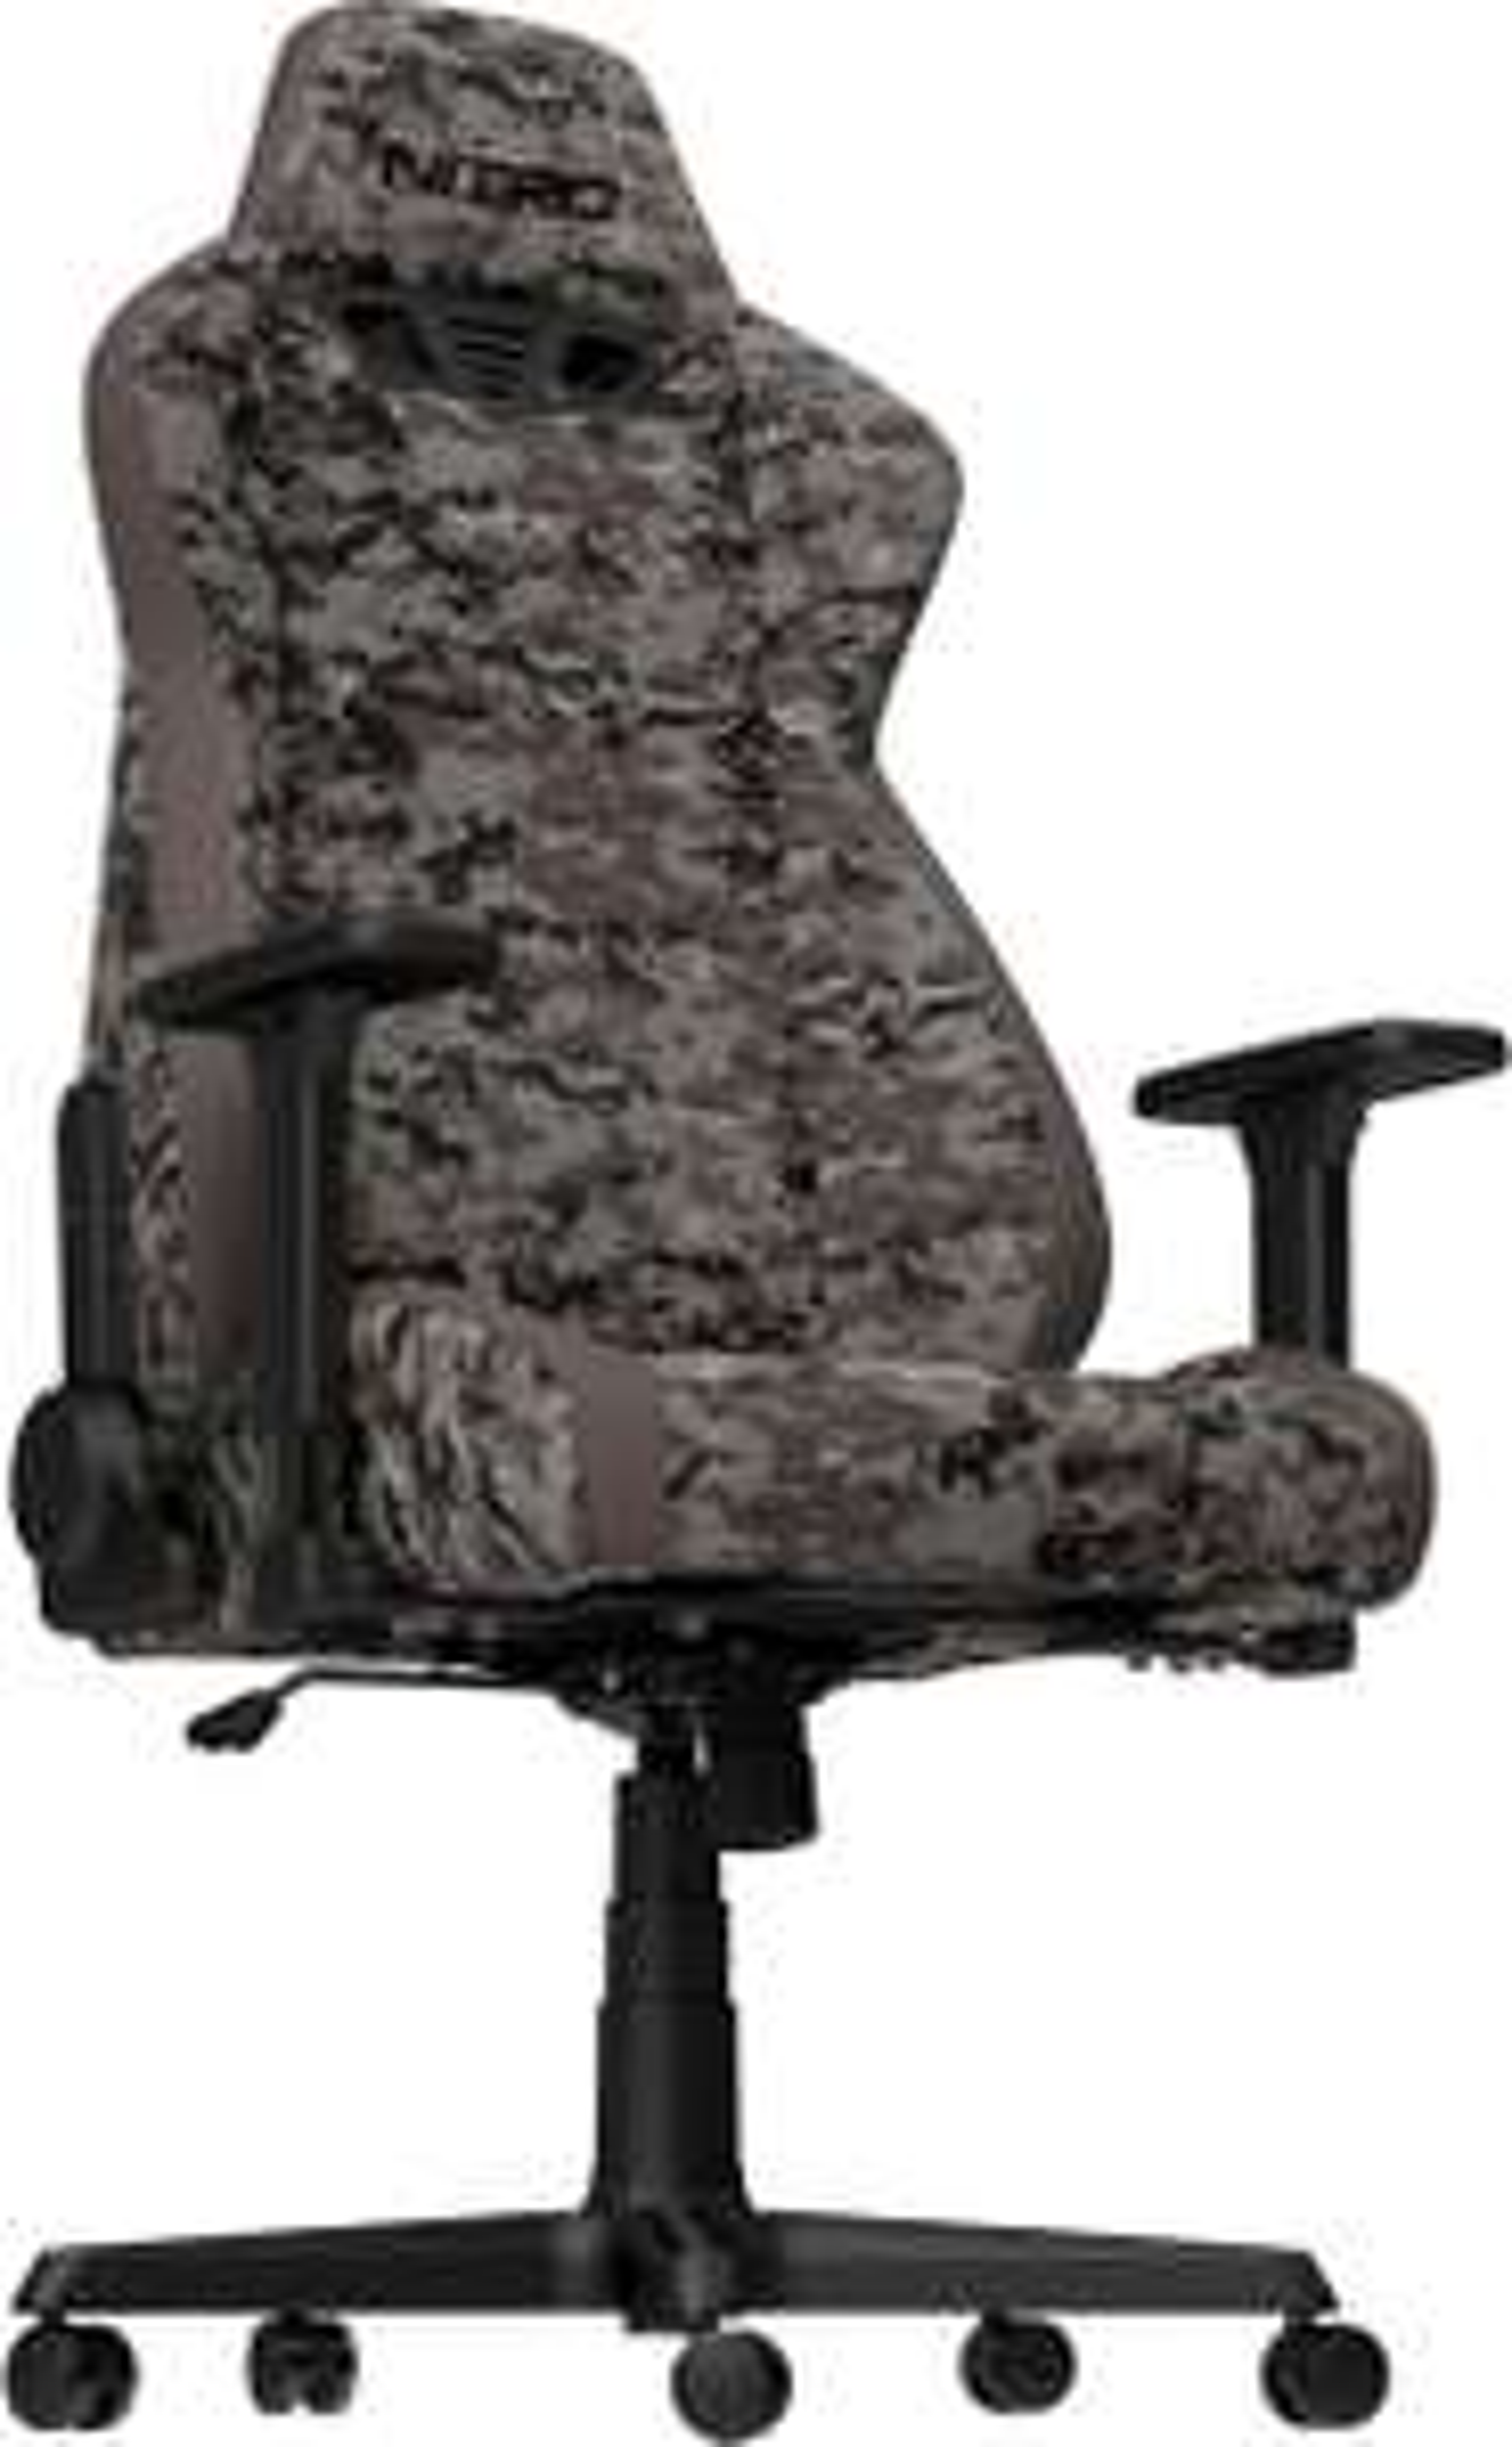 Nitro Concepts S300 Urban Camo Gaming Stuhl (Otto) mit Gutschein 210,76€